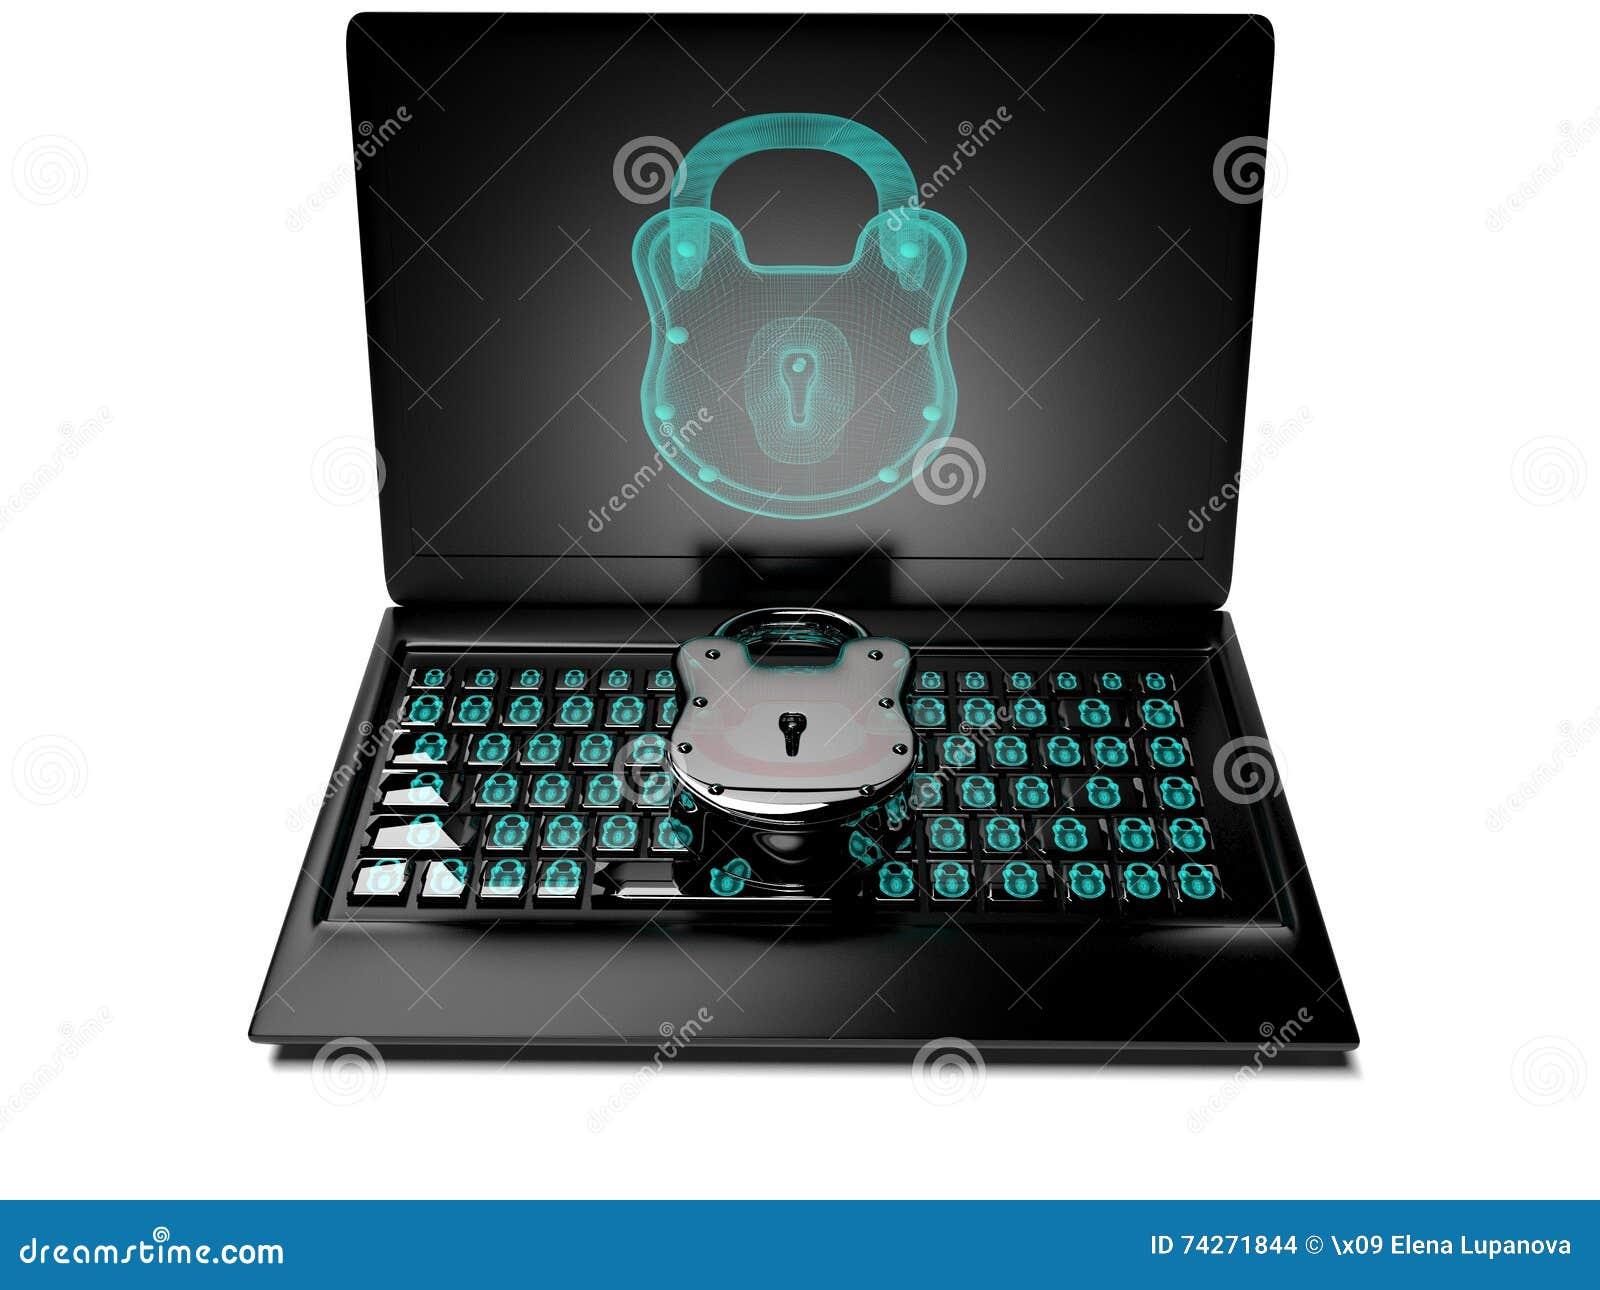 La serrure virtuelle au clavier numérique, le concept 3d de protection des données rendent